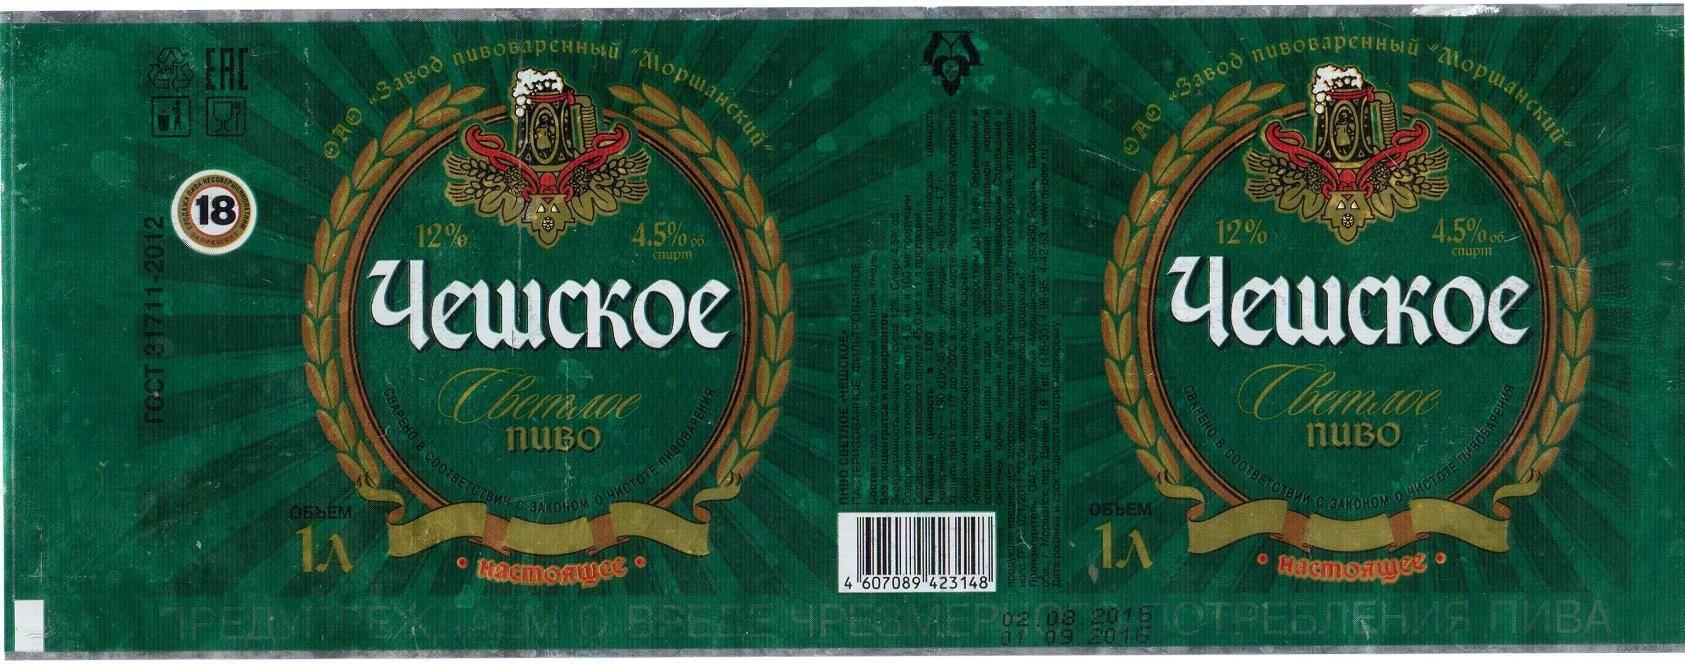 Сорта чешского пива - чешское пиво